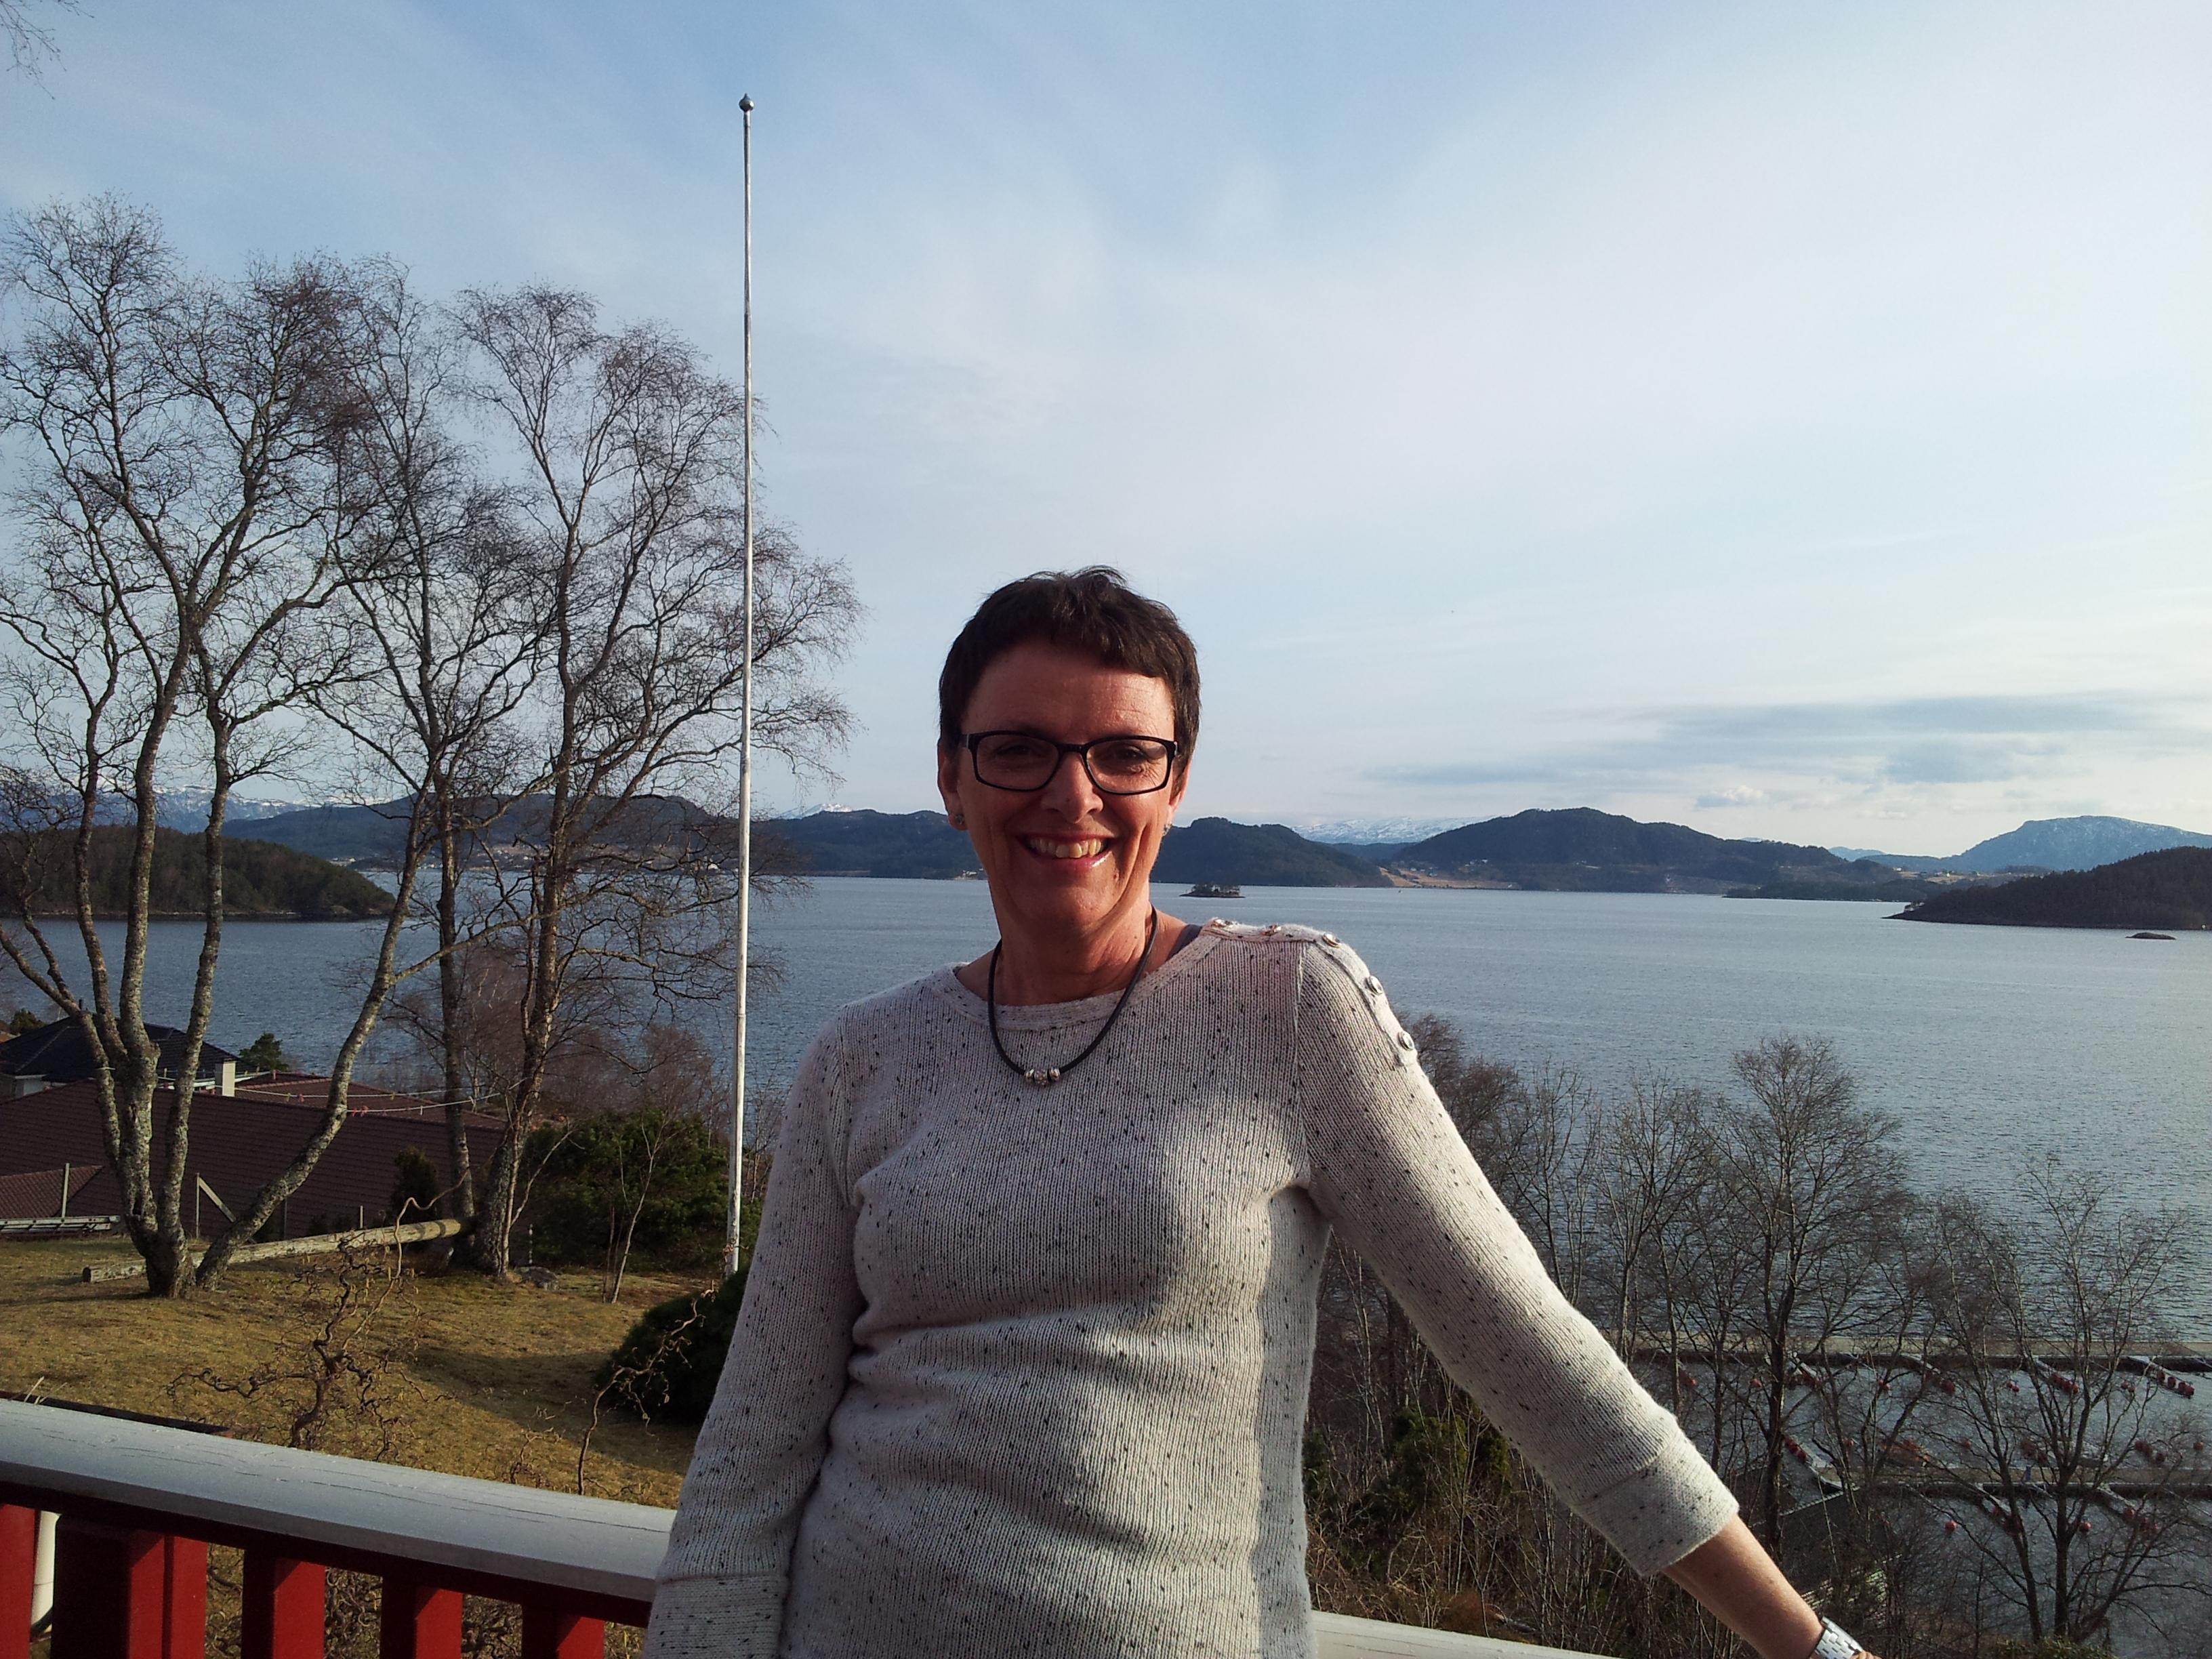 Liv Elise Fjermestad